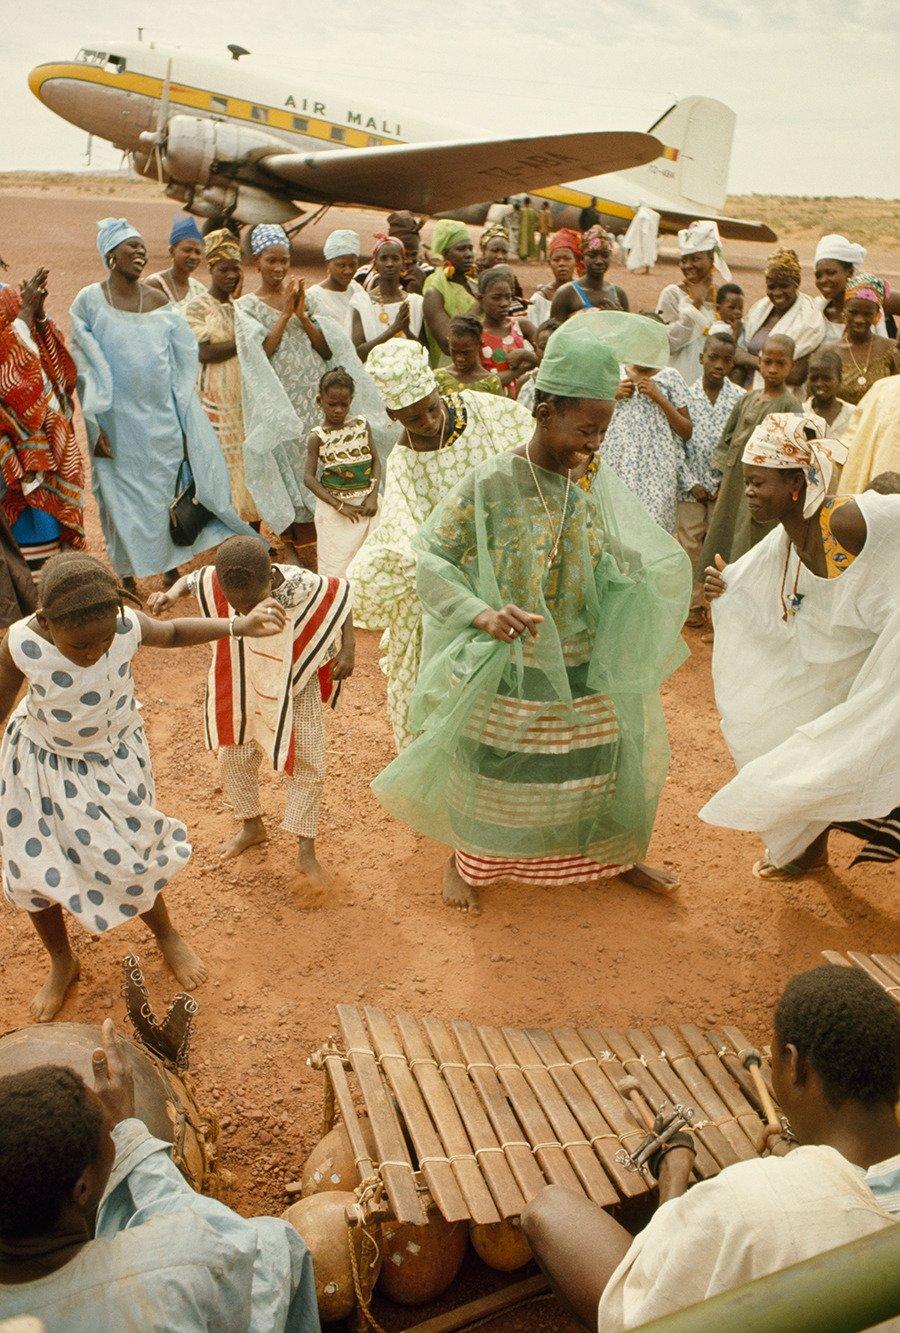 Gente che balla tradizionale fotografia di Colo James P. Blair - Mopti, Mali 1966